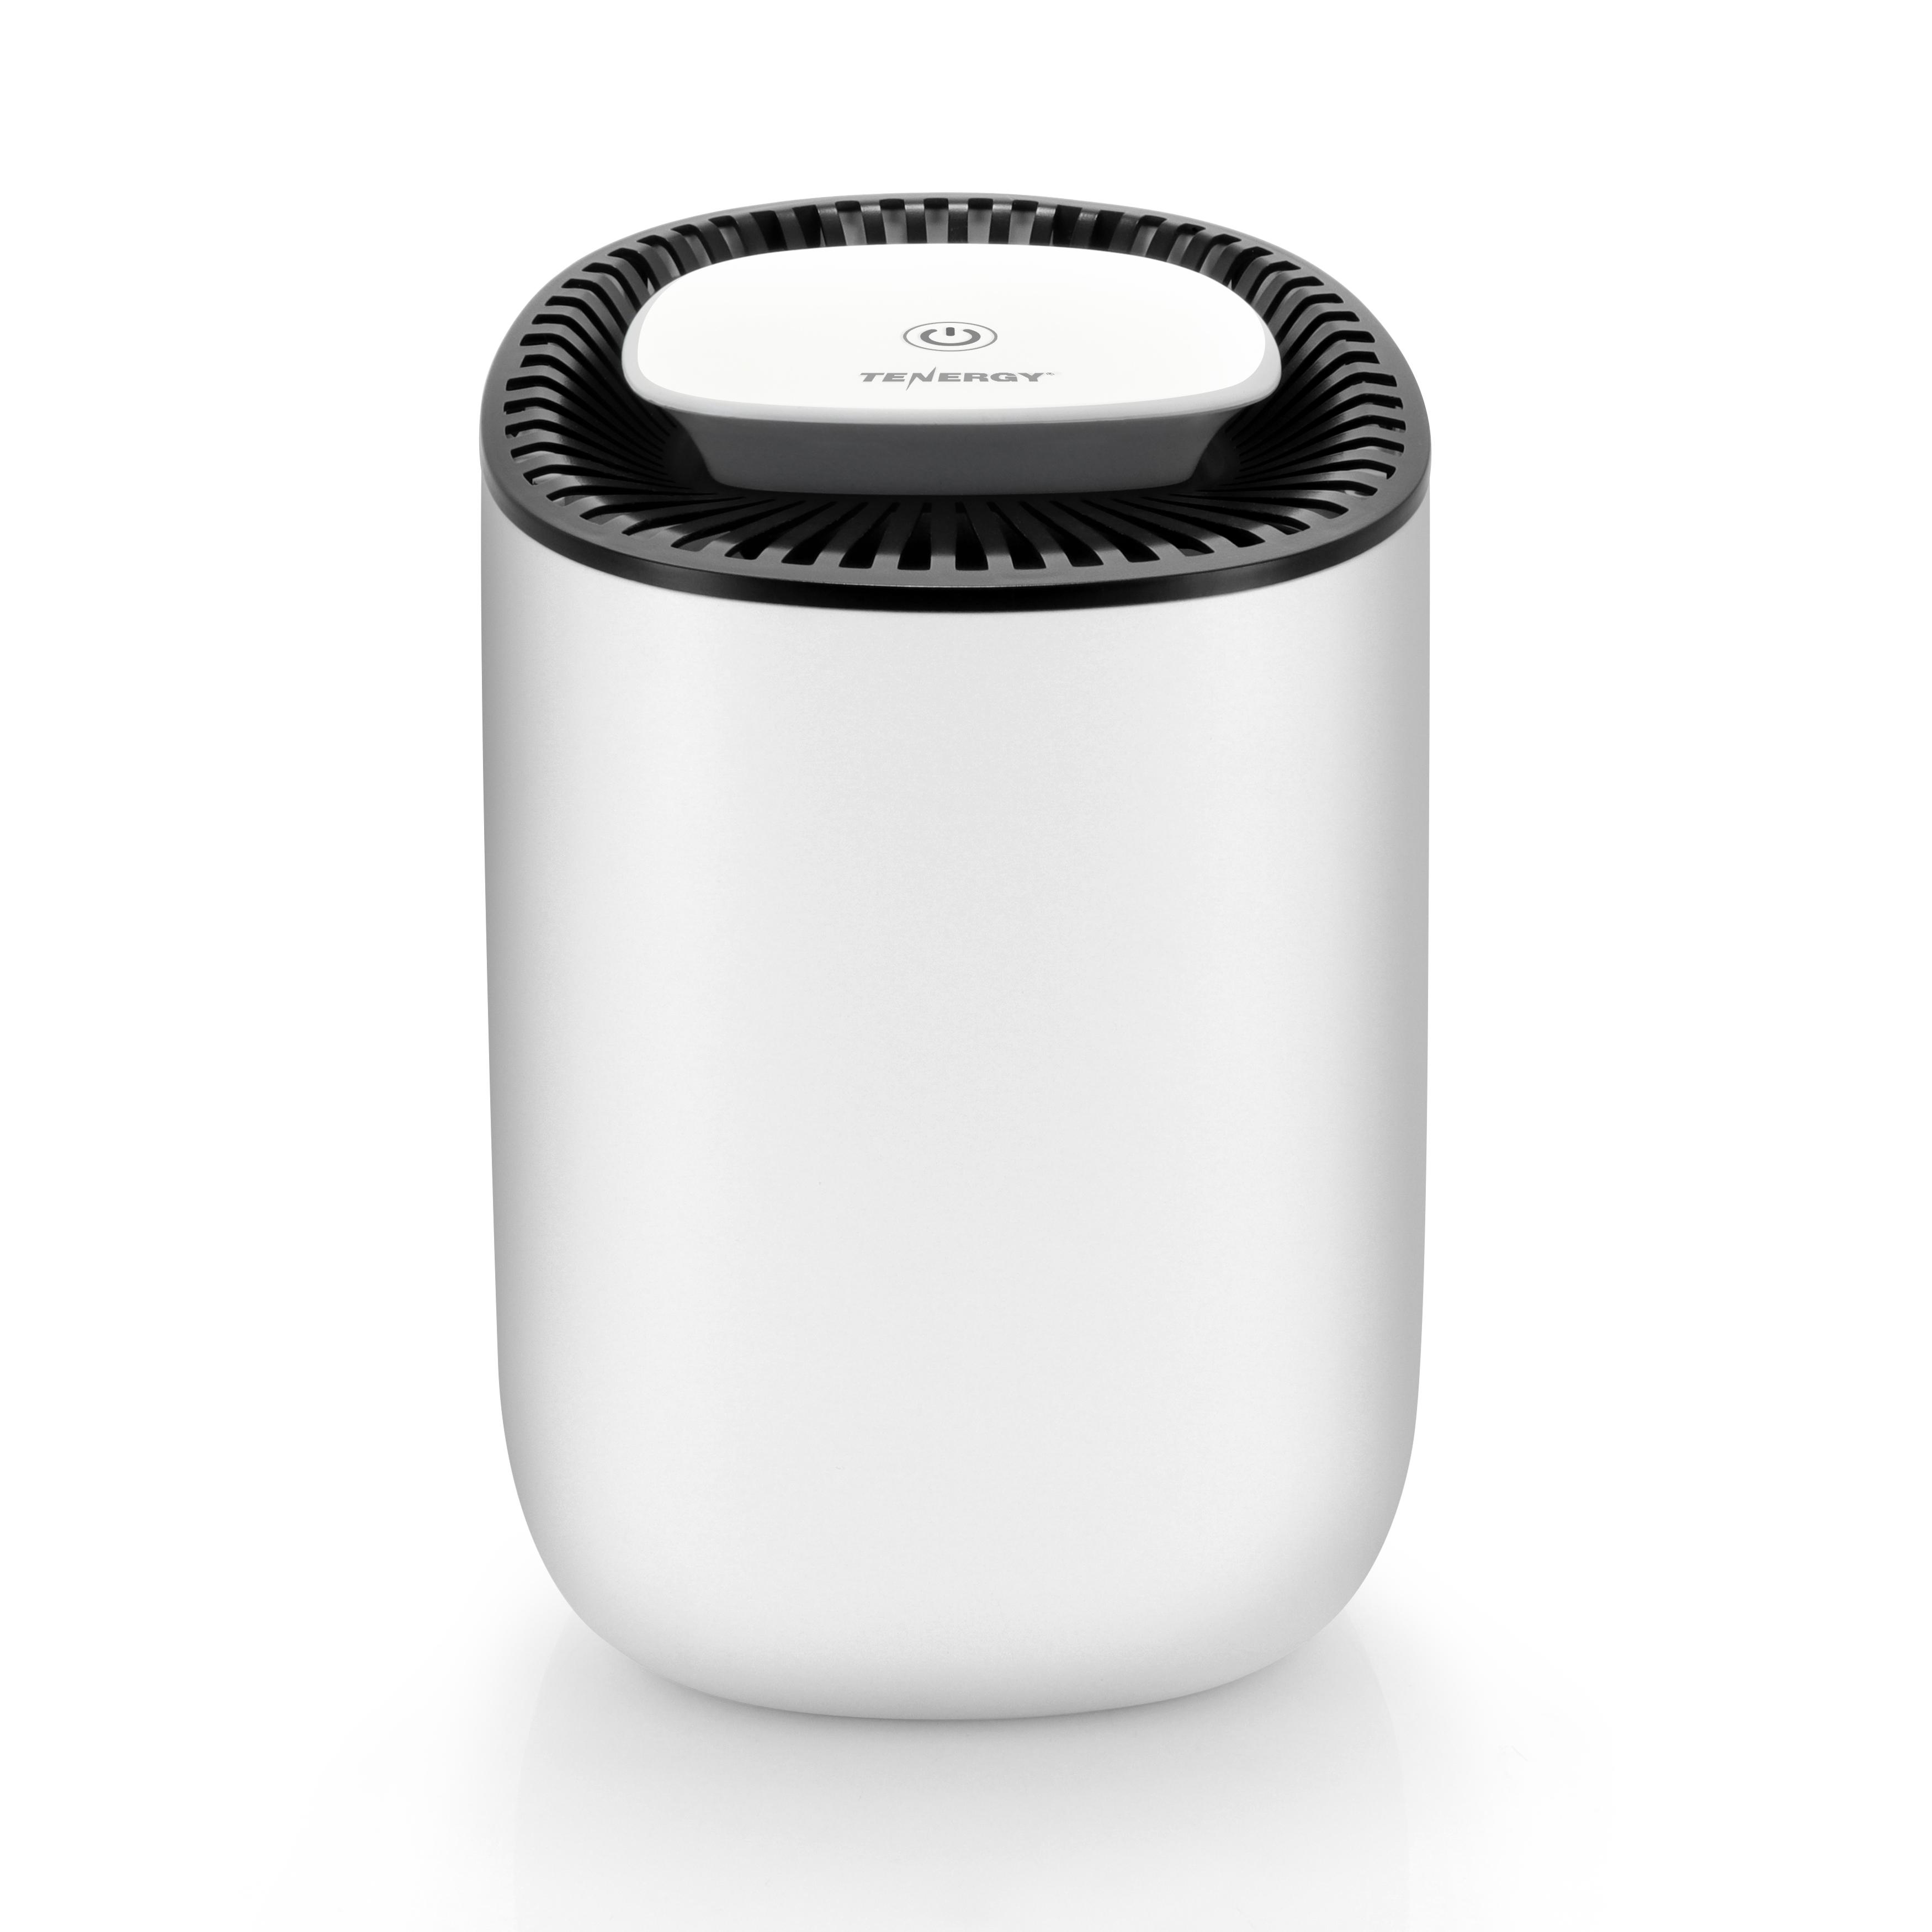 Tenergy via Amazon: Sorbi Mini Dehumidifier $24.99 + Free Shipping with Prime or on Orders $25+